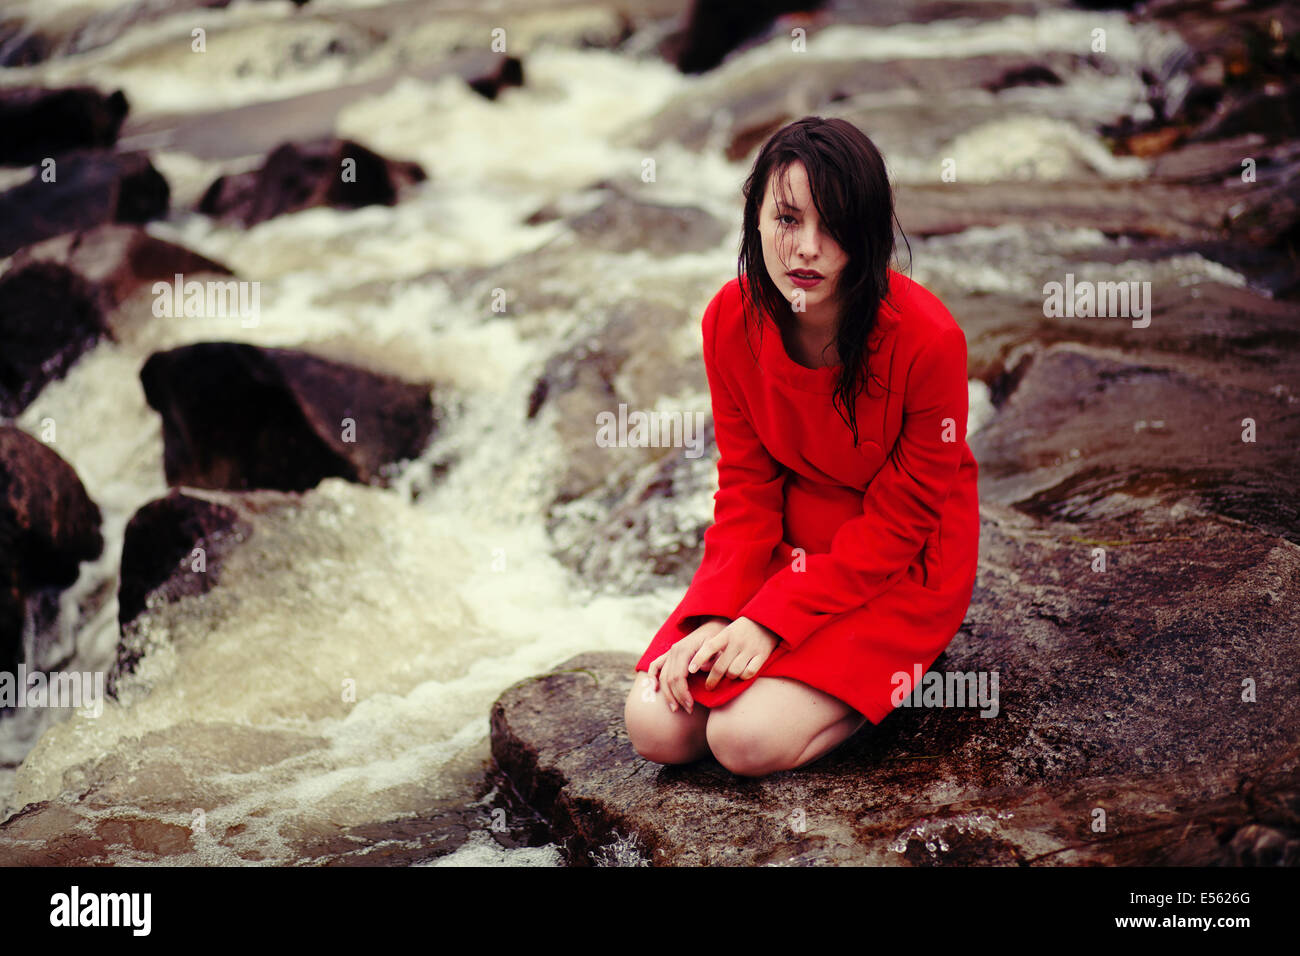 Giovane donna è seduta su una insenatura Immagini Stock